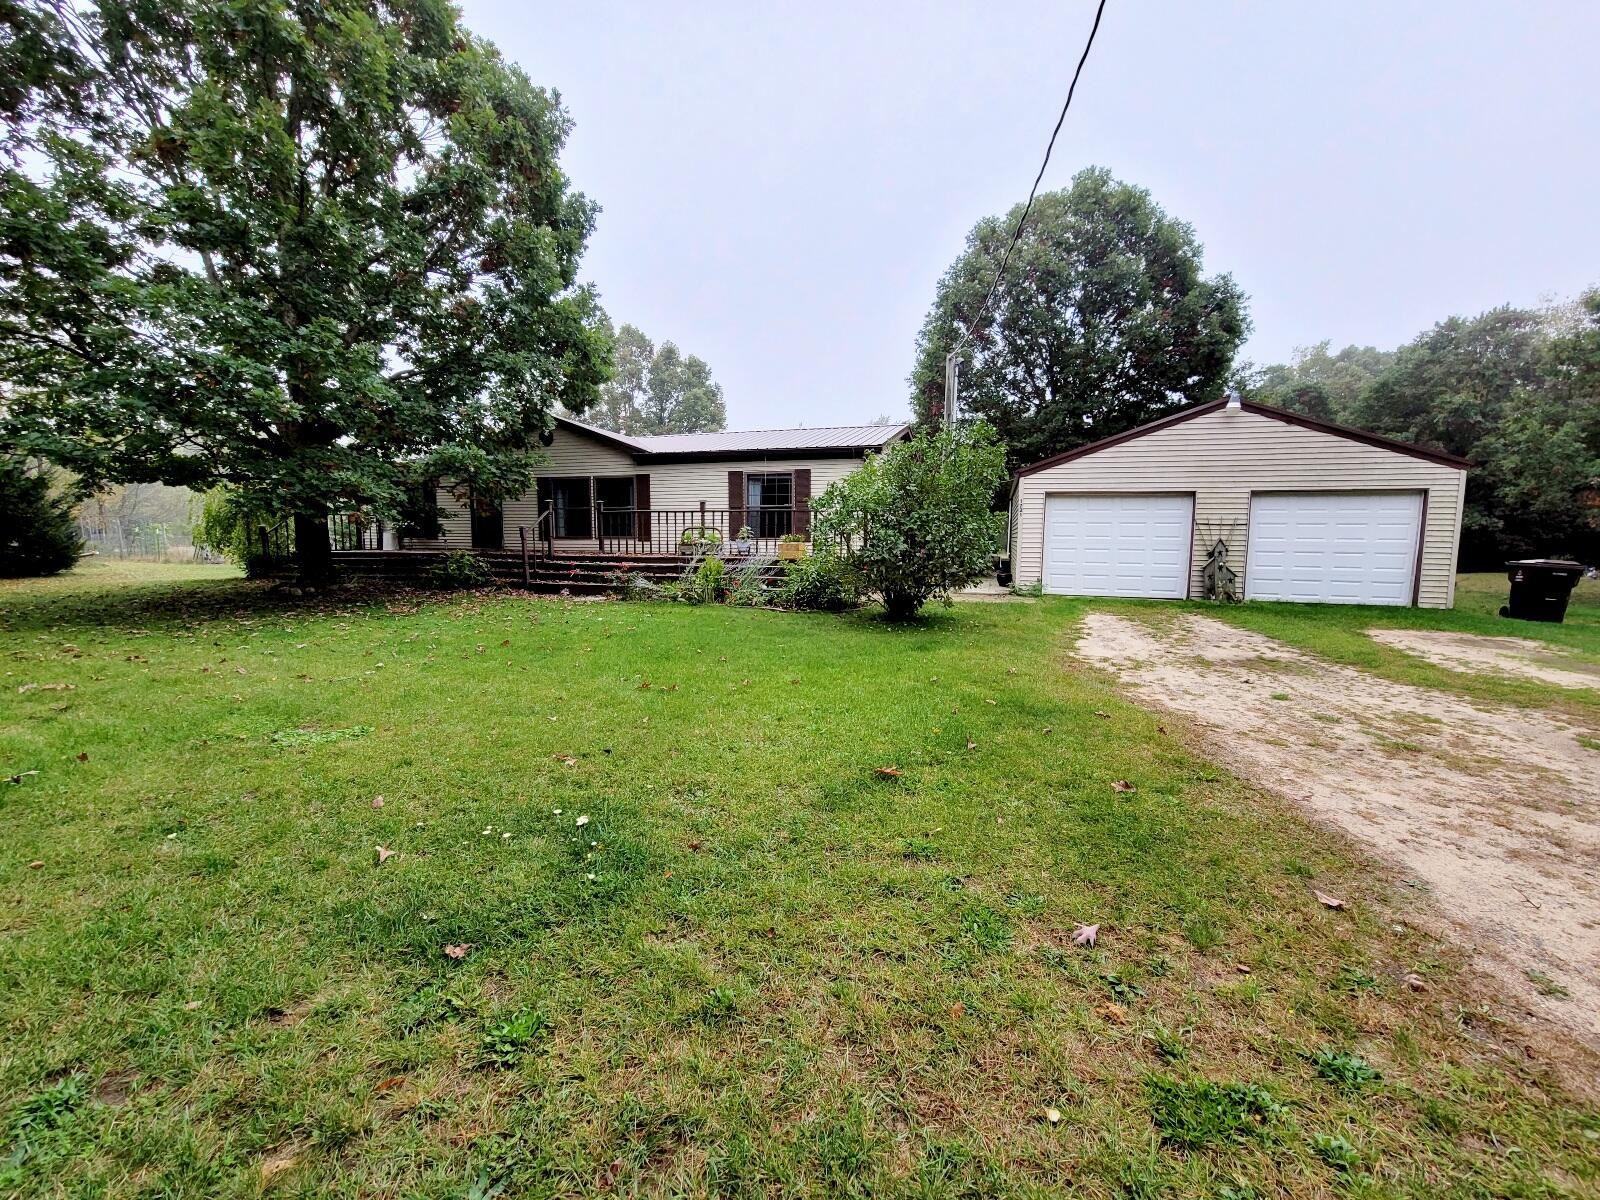 1721 Schmeid Road, Six Lakes, MI 48886 - MLS#: 21109992